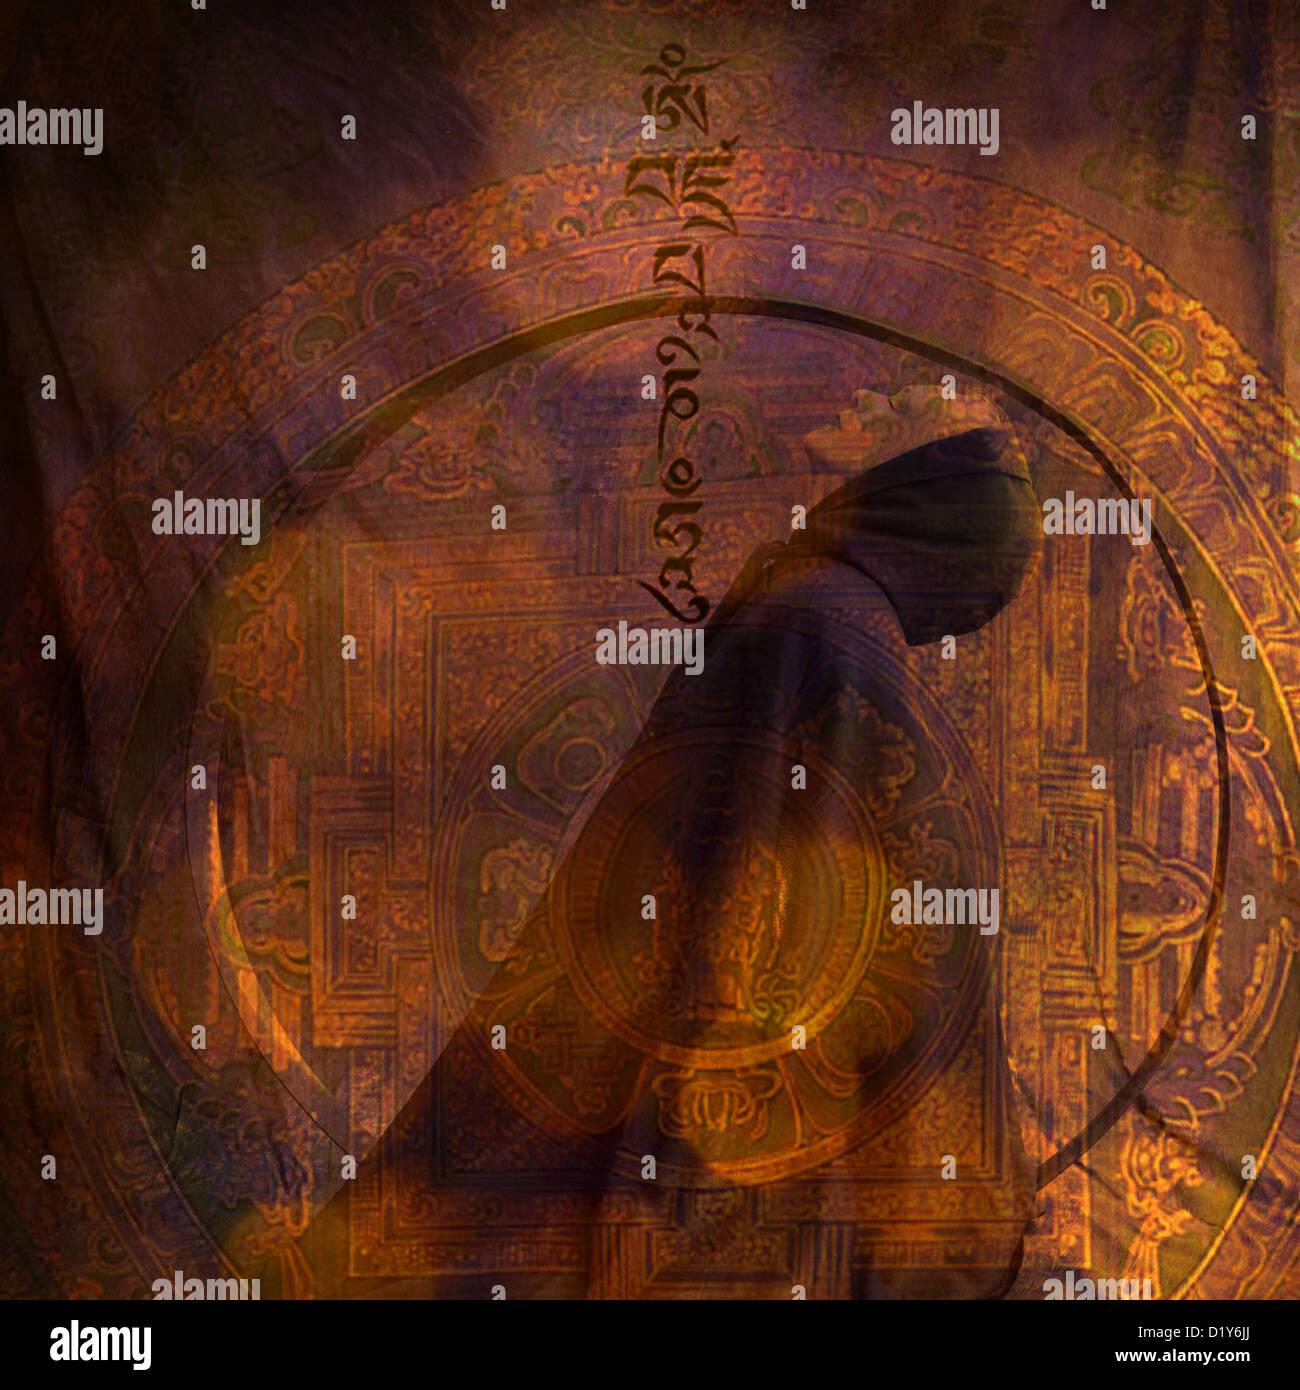 Basedillustration Photo d'une femme masquée avec la prière tibétain Om Mani Padme Hum ओं मणिपद्मे Photo Stock